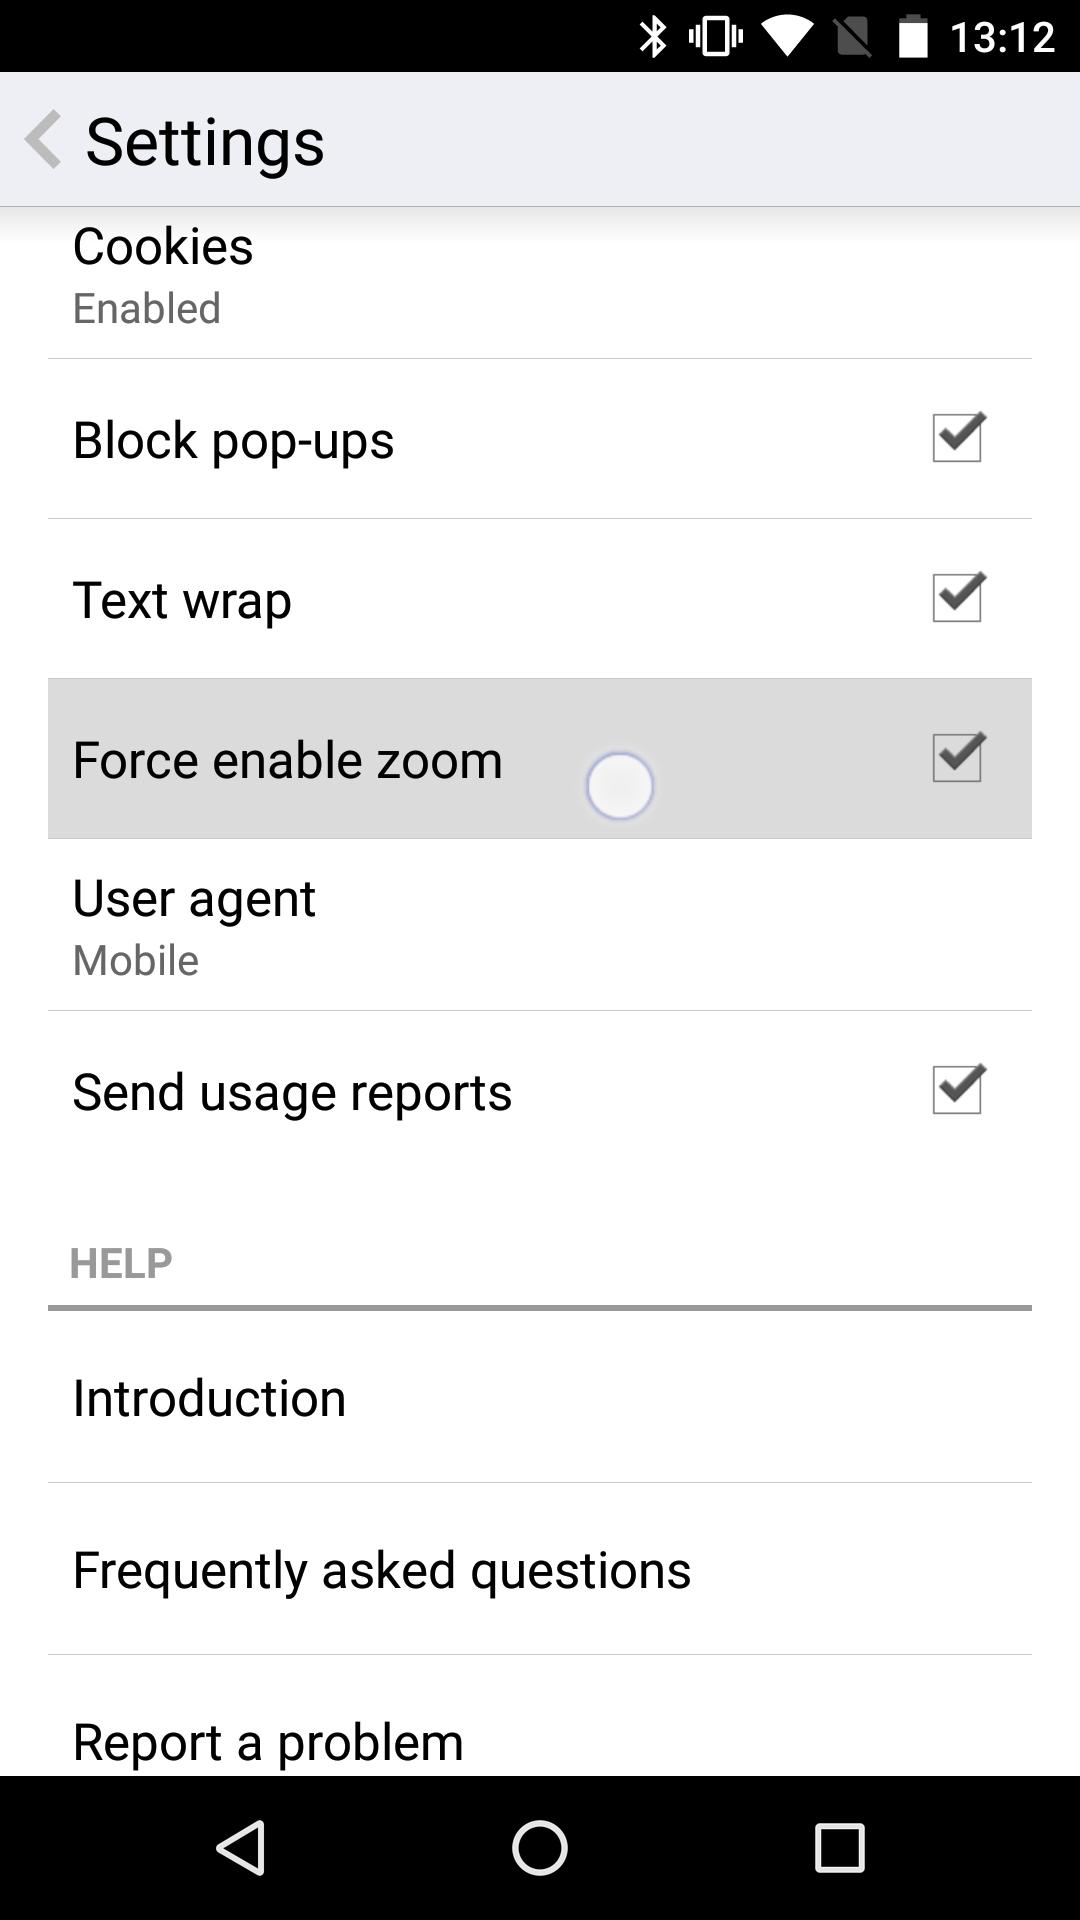 Opera Force Enable Zoom